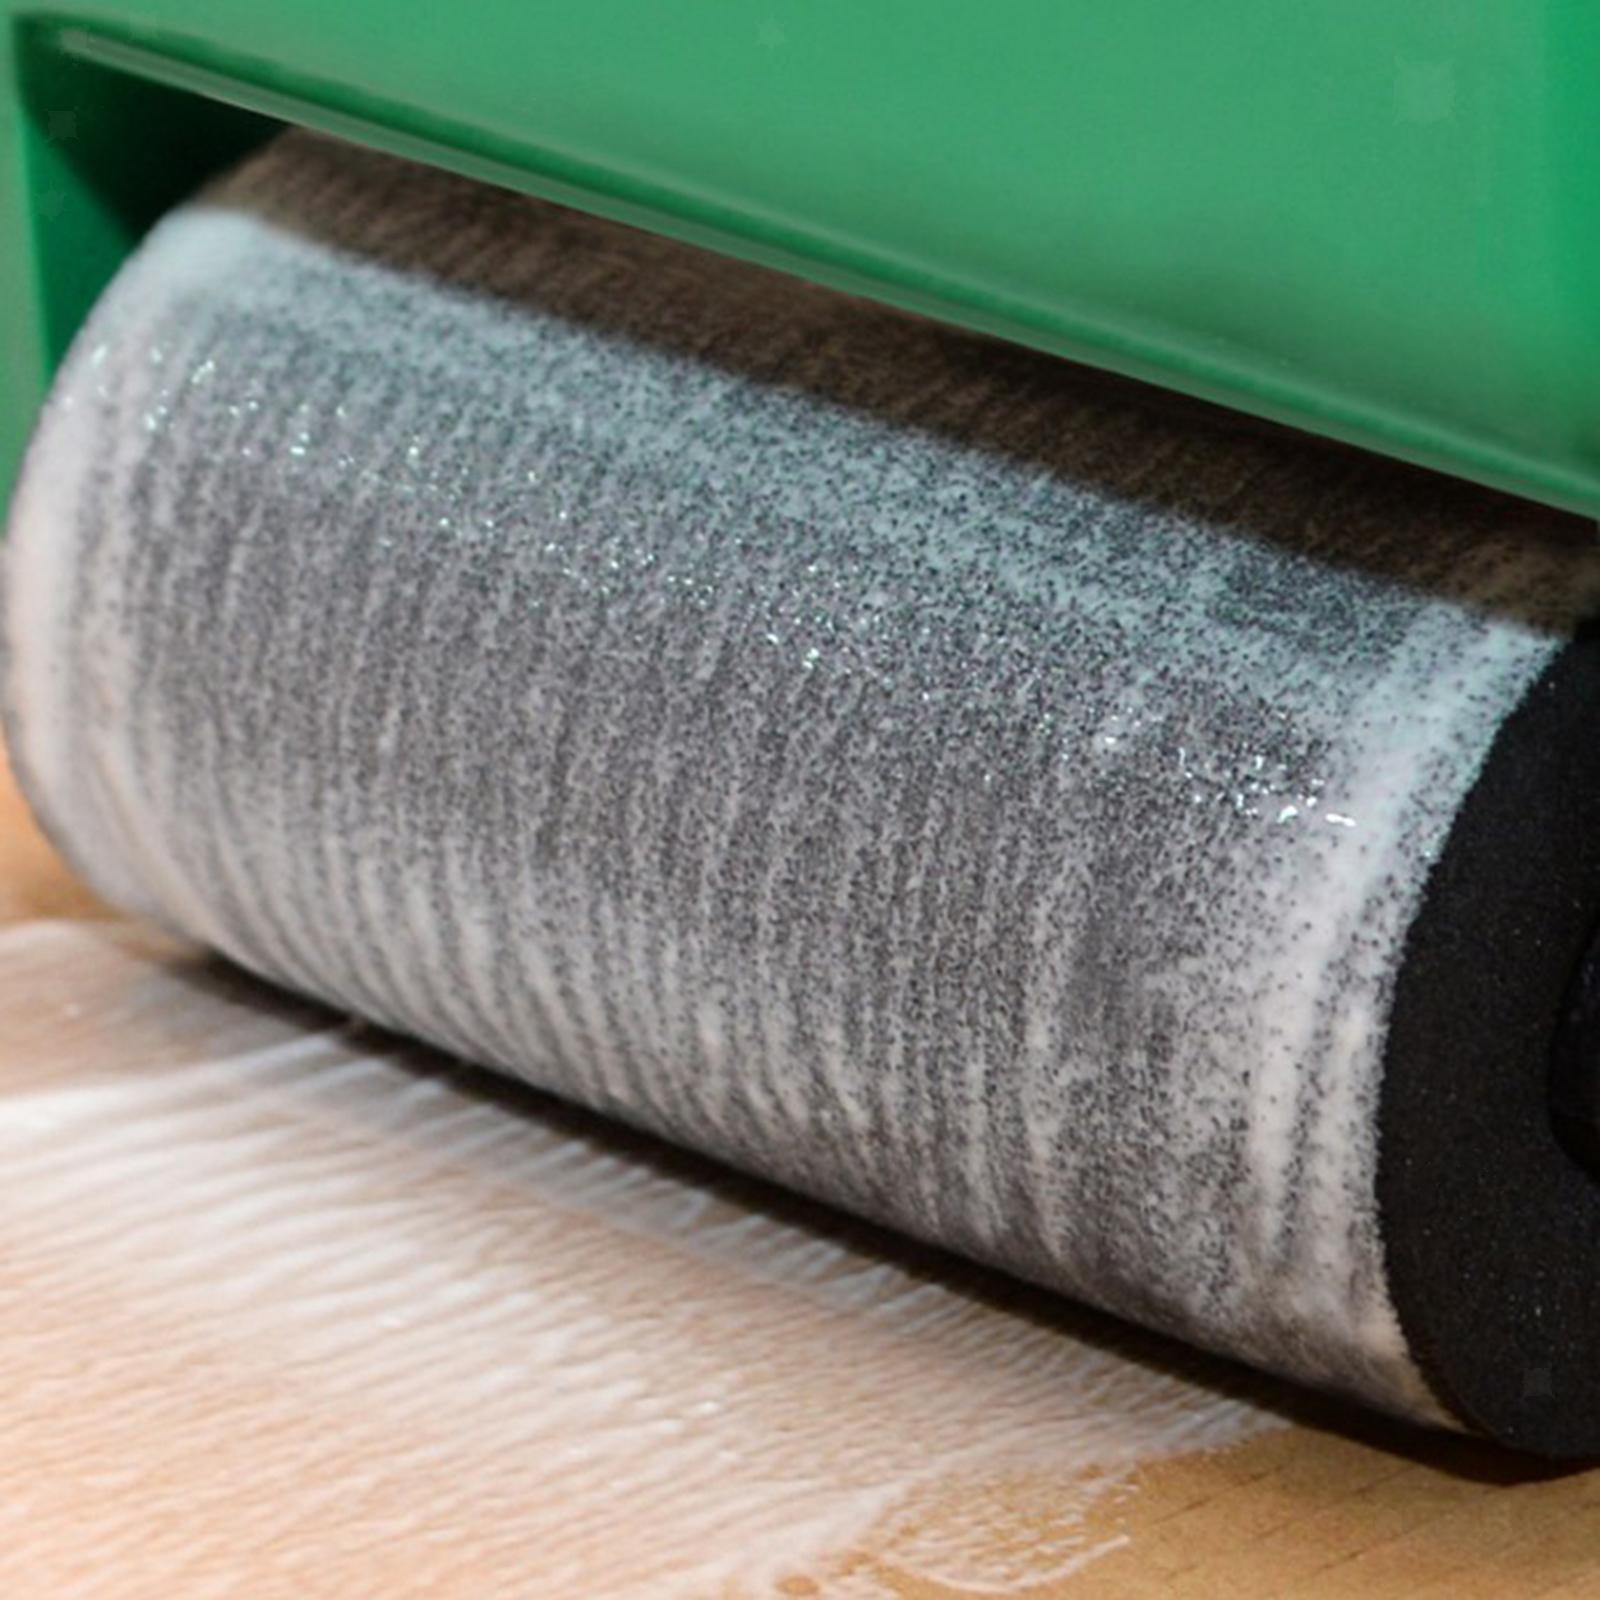 miniatura 40 - 180mL/320mL Portatile Colla Applicatore Rullo Professionale Rivestito Colla